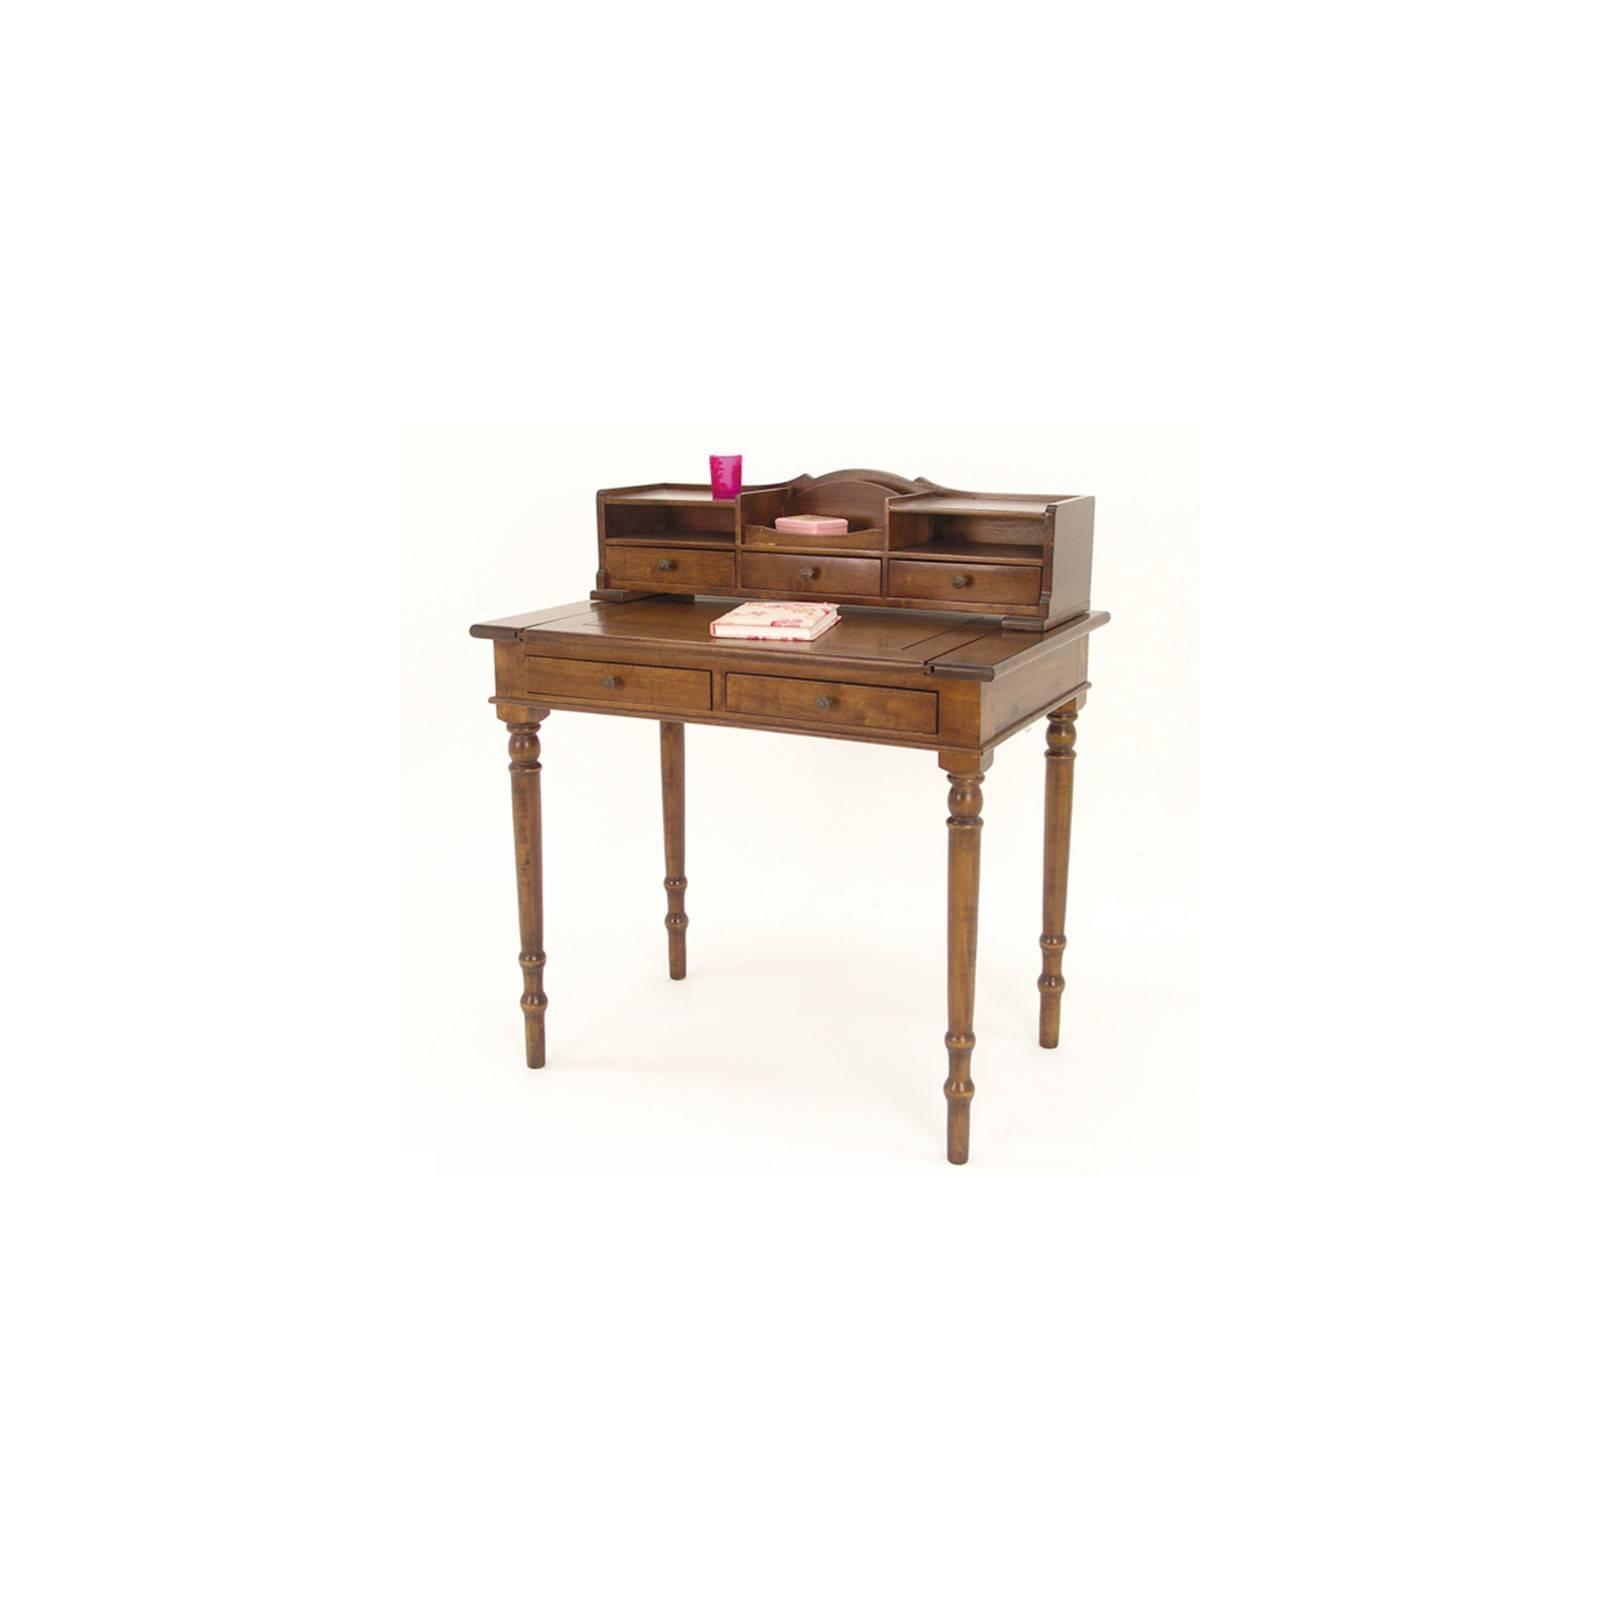 Bureau rétro en bois massif. Collection de meubles Tradition